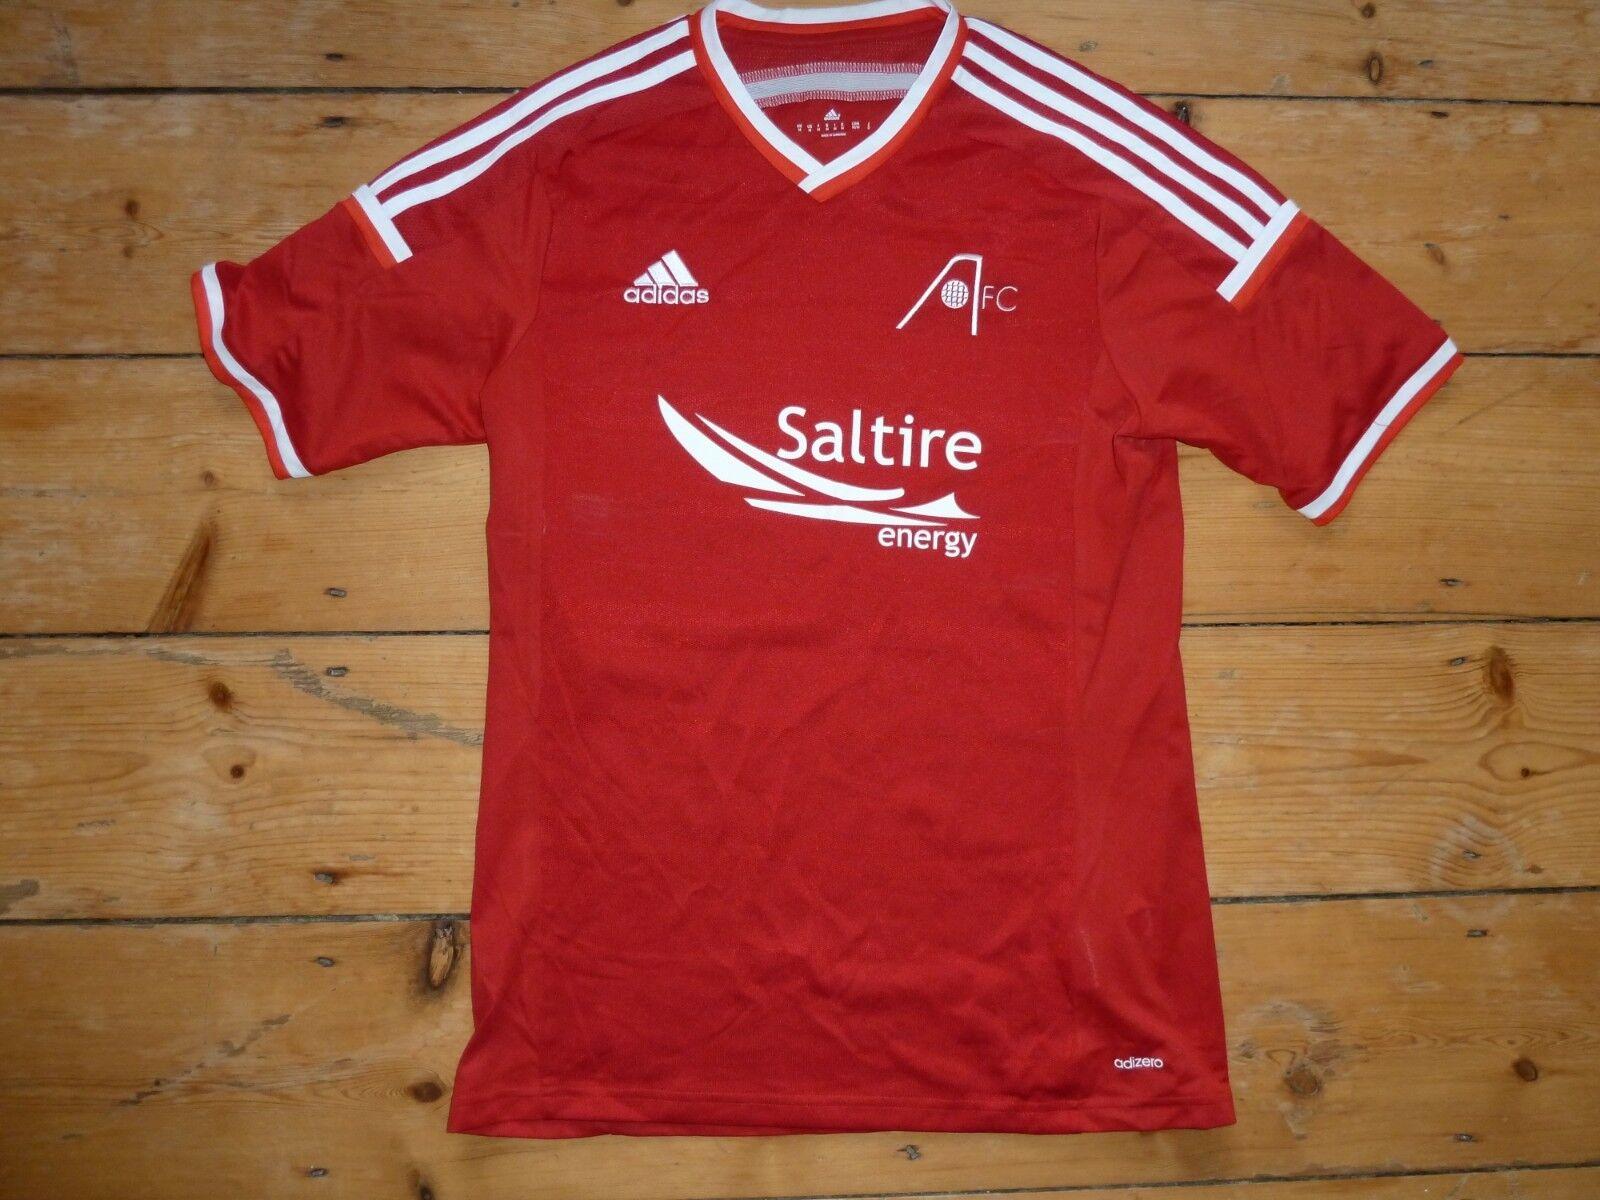 Aberdeen FC Fußball Trikot Schottische Schottische Schottische Adizero 86.4cm L Jugendliche  | Maßstab ist der Grundstein, Qualität ist Säulenbalken, Preis ist Leiter  838681